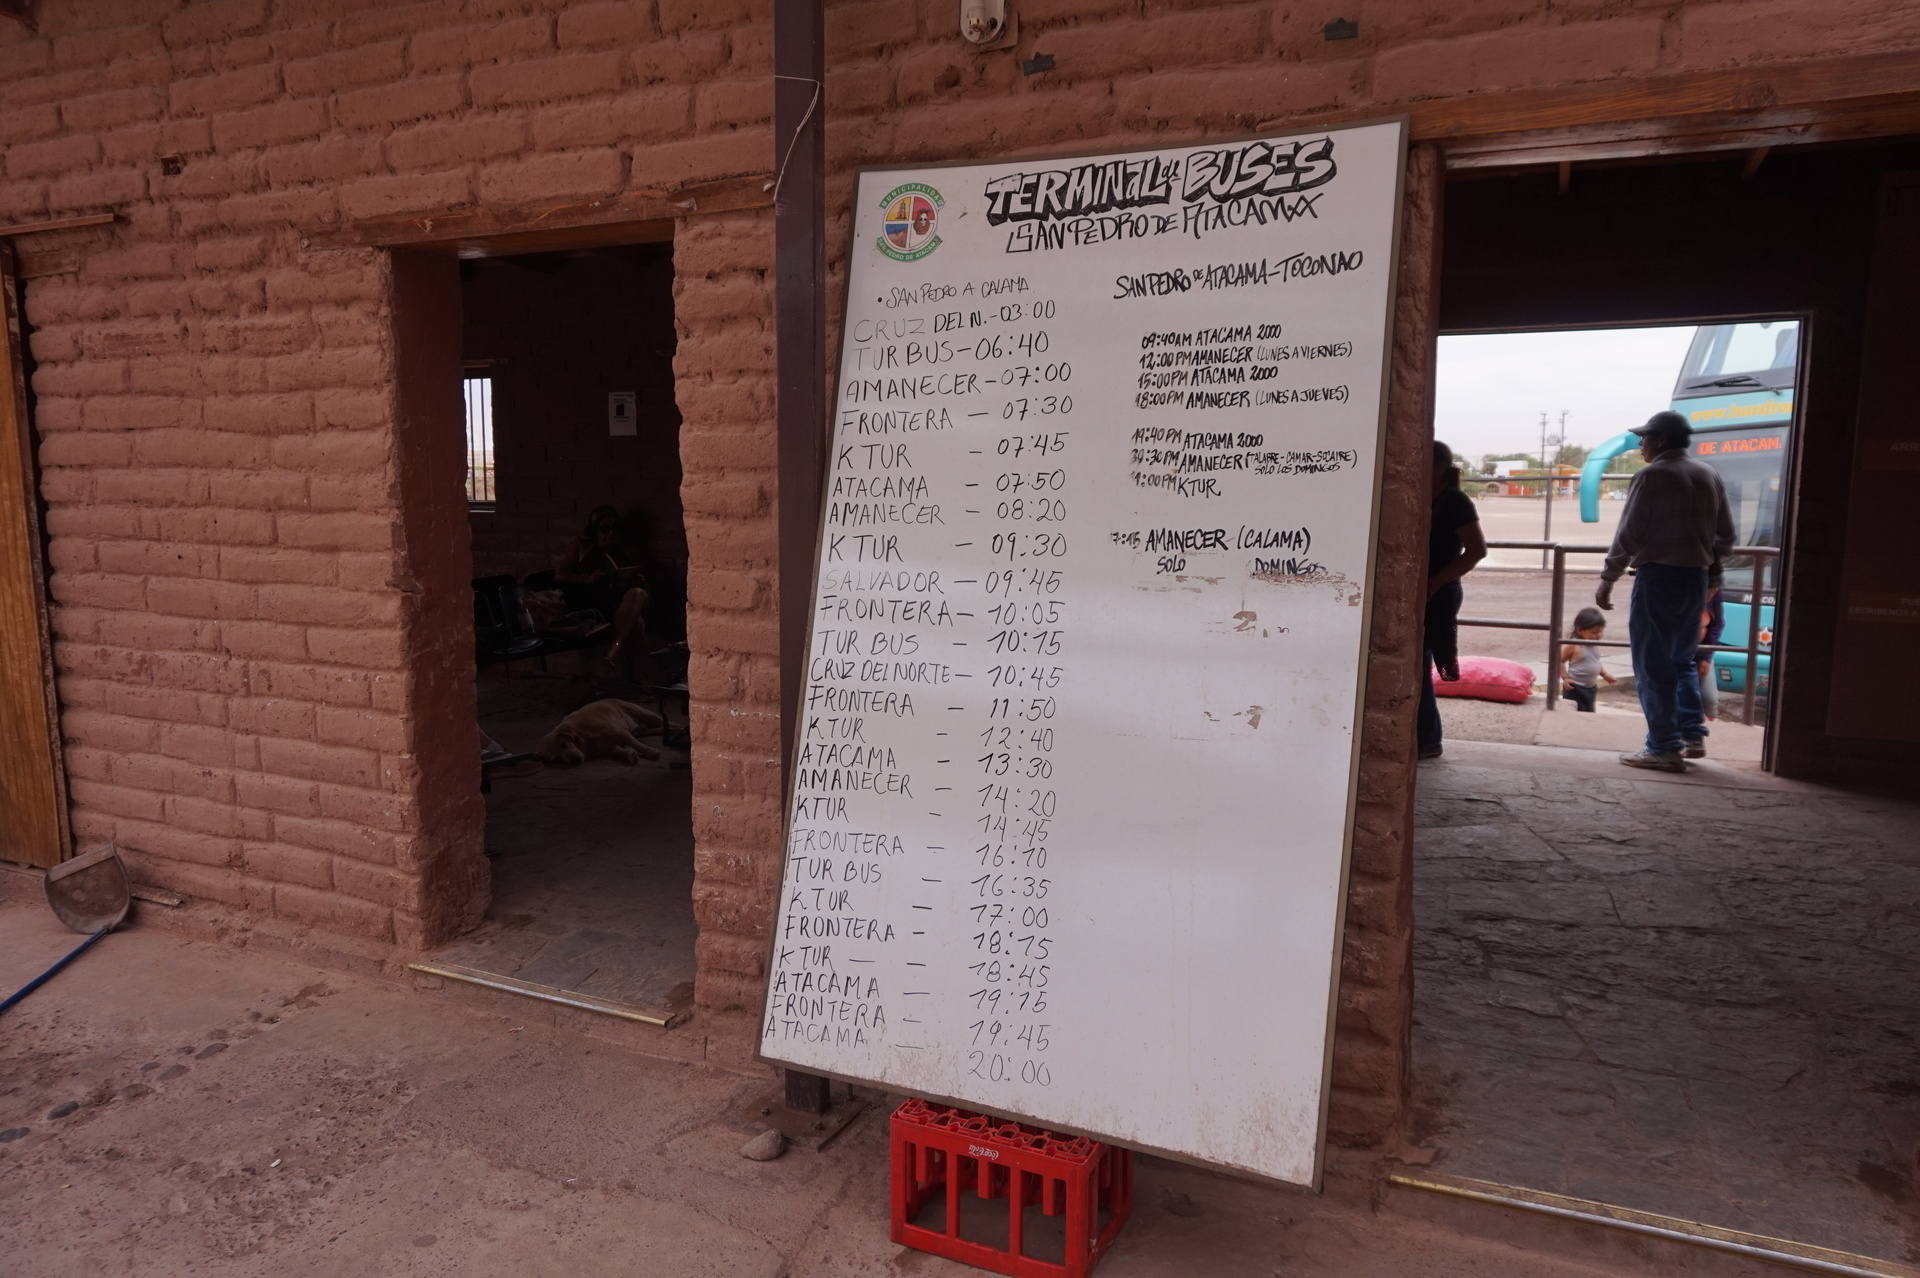 チリ ボリビア ウユニ旅行 アタカマ  バス到着時刻